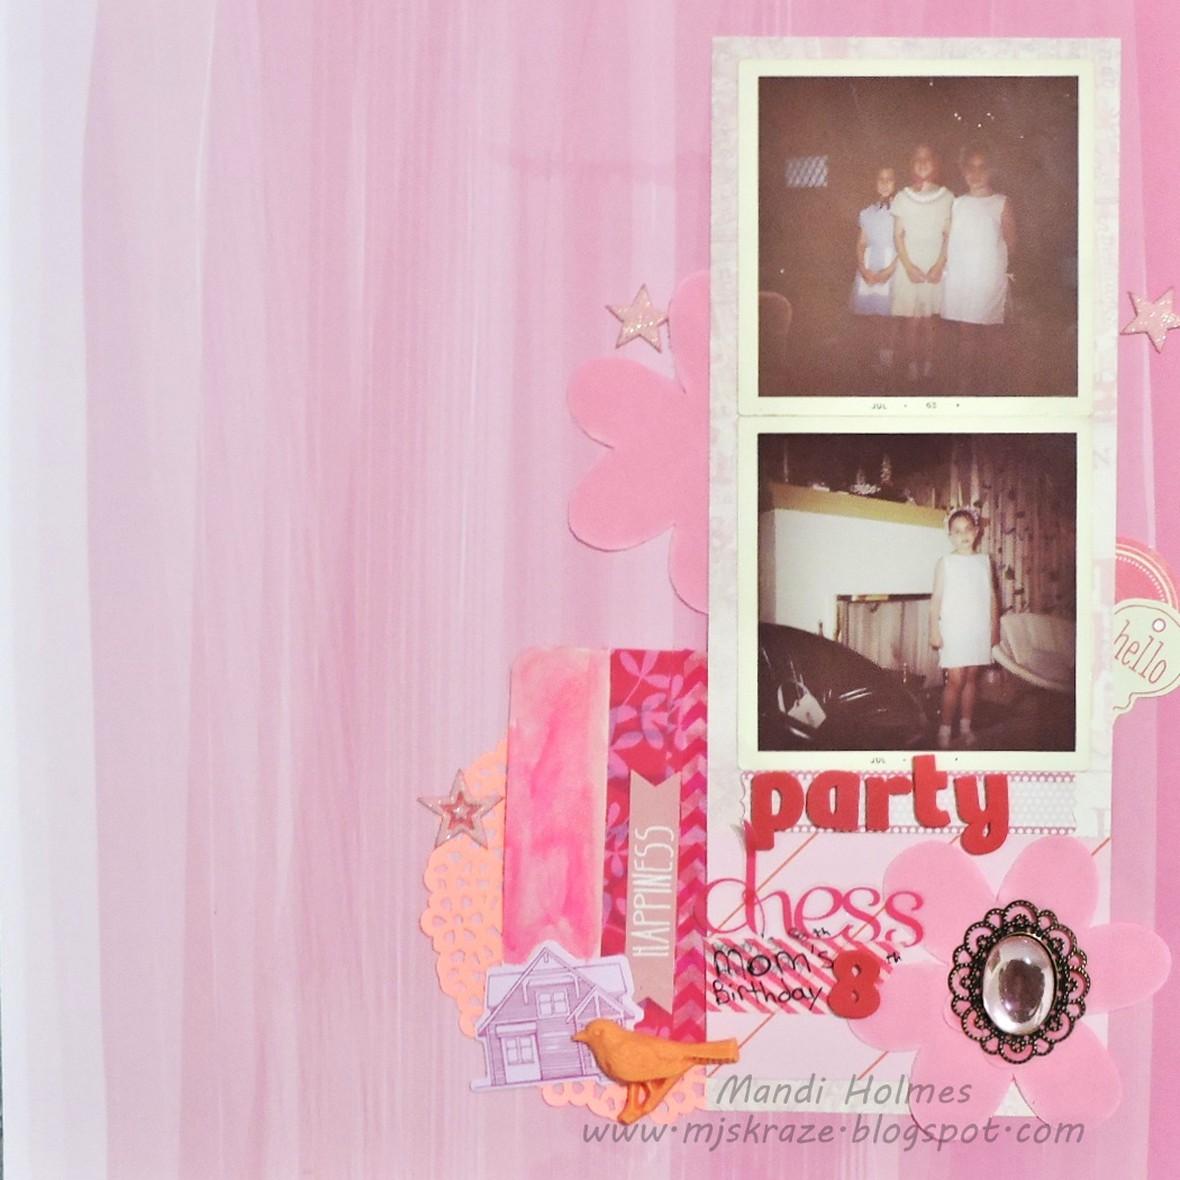 Party dress 8 original